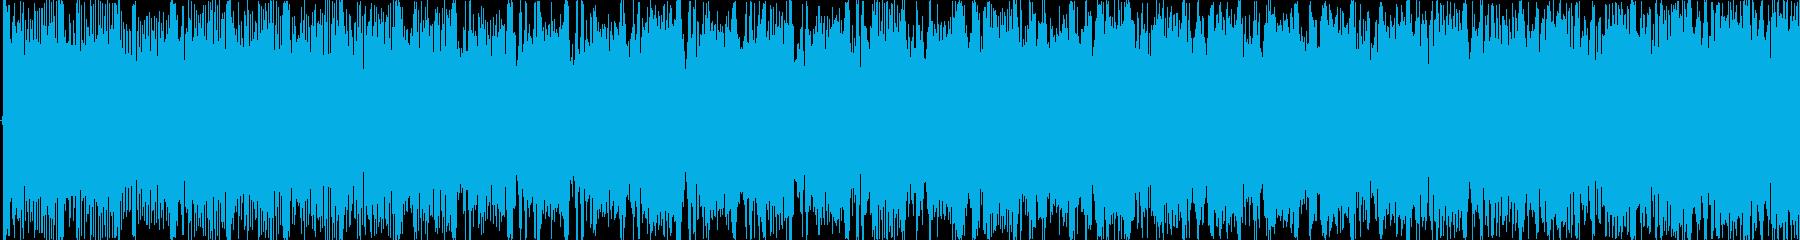 明るく爽やかなエレクトロダンス楽曲の再生済みの波形